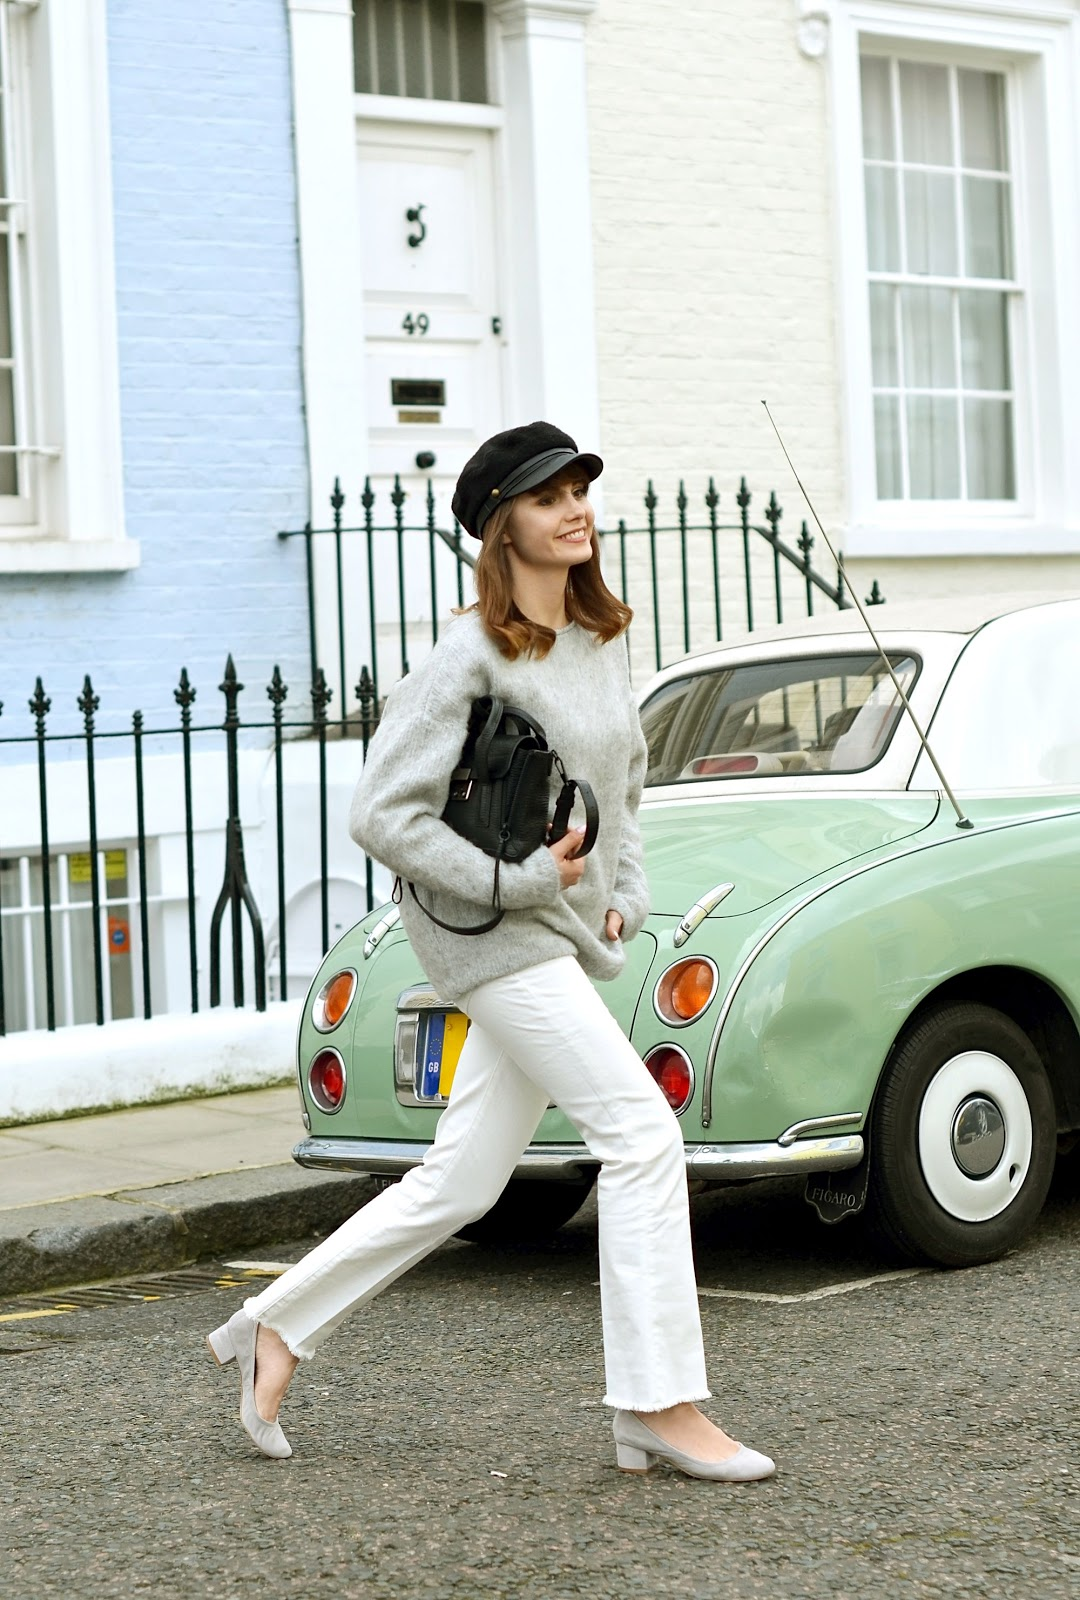 stylizacja z londynu | miminalistyczna stylizacja | blogi o modzie